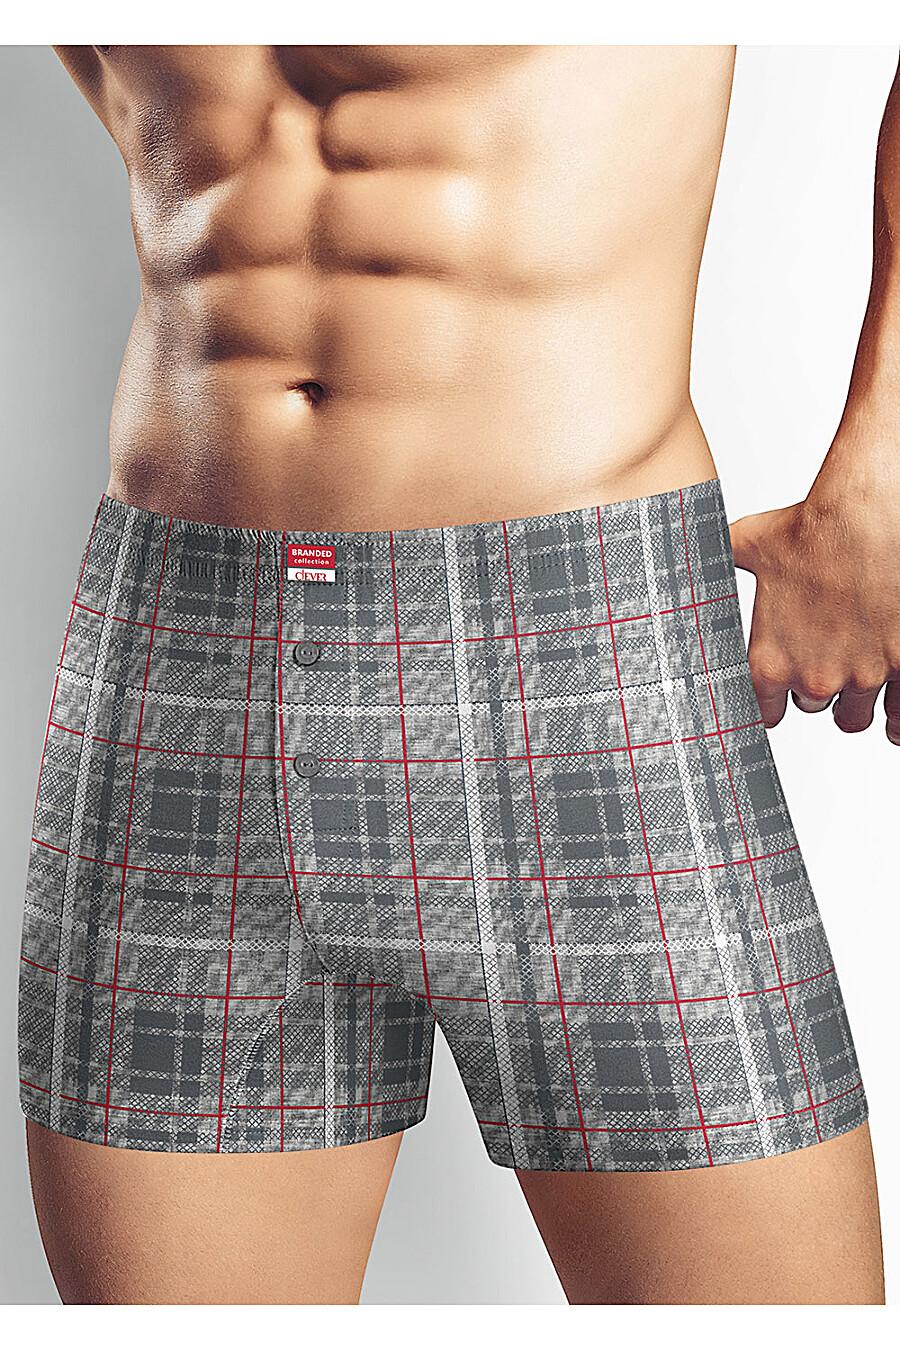 Трусы для мужчин CLEVER 155209 купить оптом от производителя. Совместная покупка мужской одежды в OptMoyo